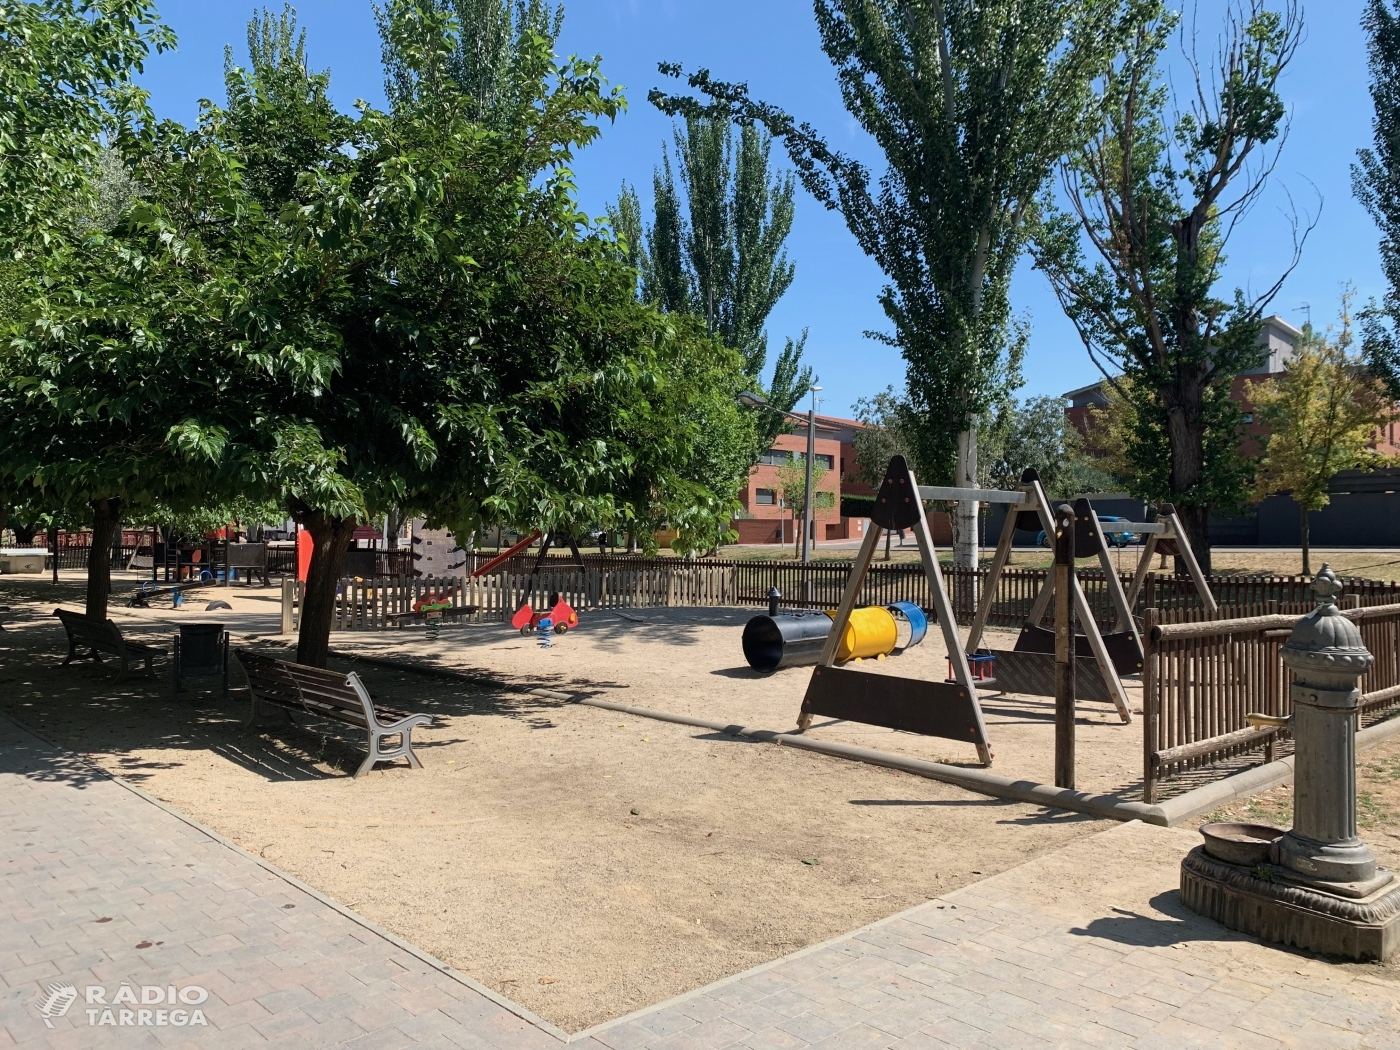 L'arranjament de la zona lúdica del passeig Josep Brufau, projecte guanyador del procés participatiu d'Agramunt